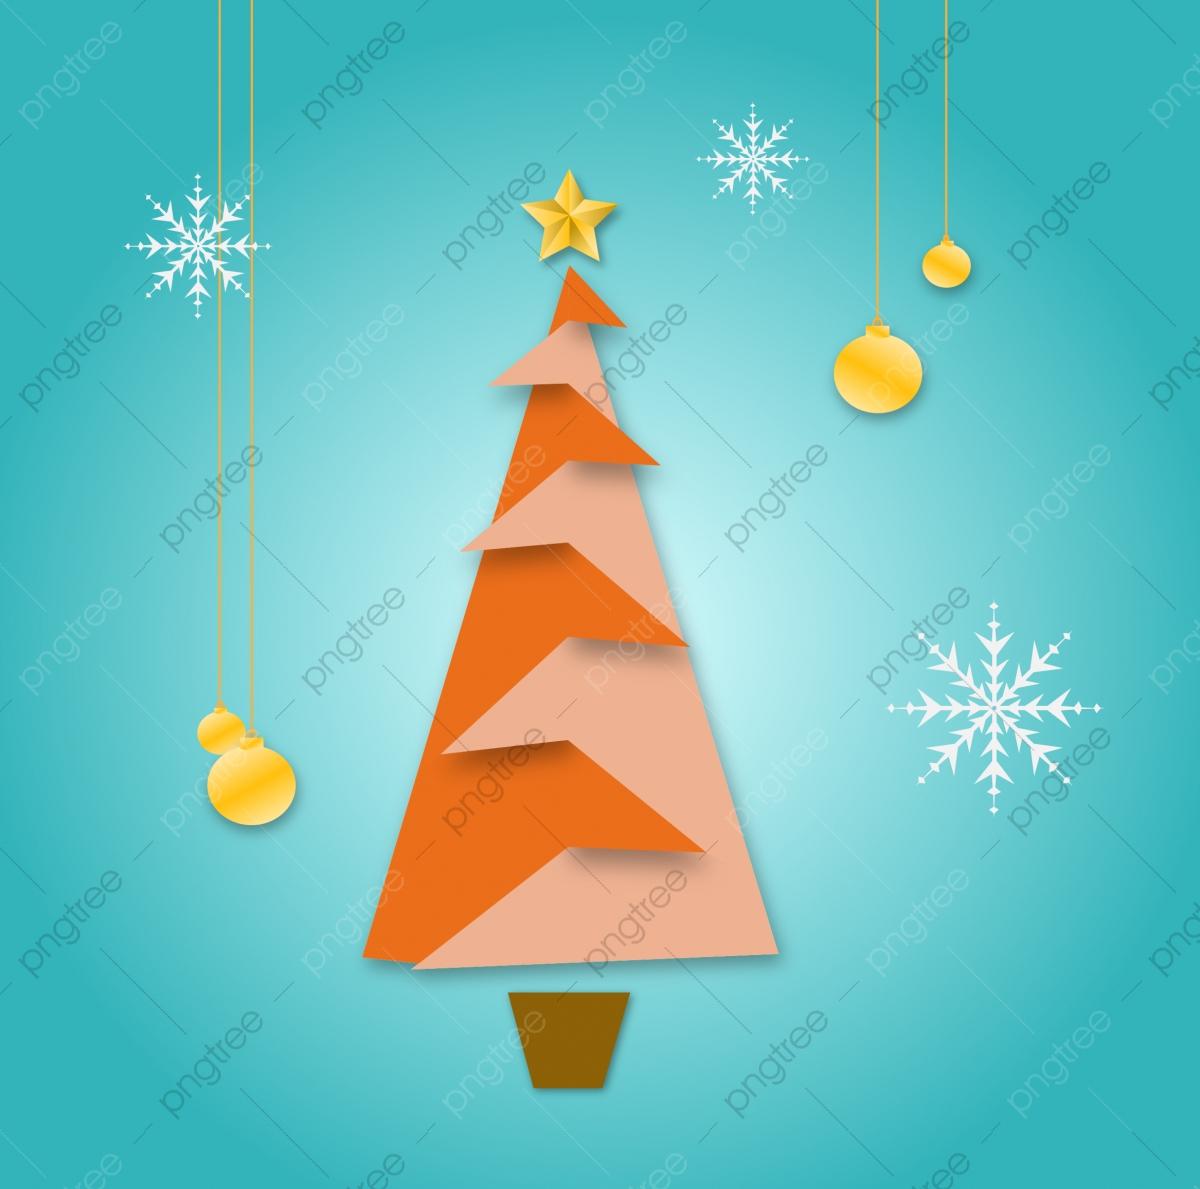 Résumé Le Sapin De Noël Créatif Style Origami, Noël, Arbre destiné Origami Sapin De Noel